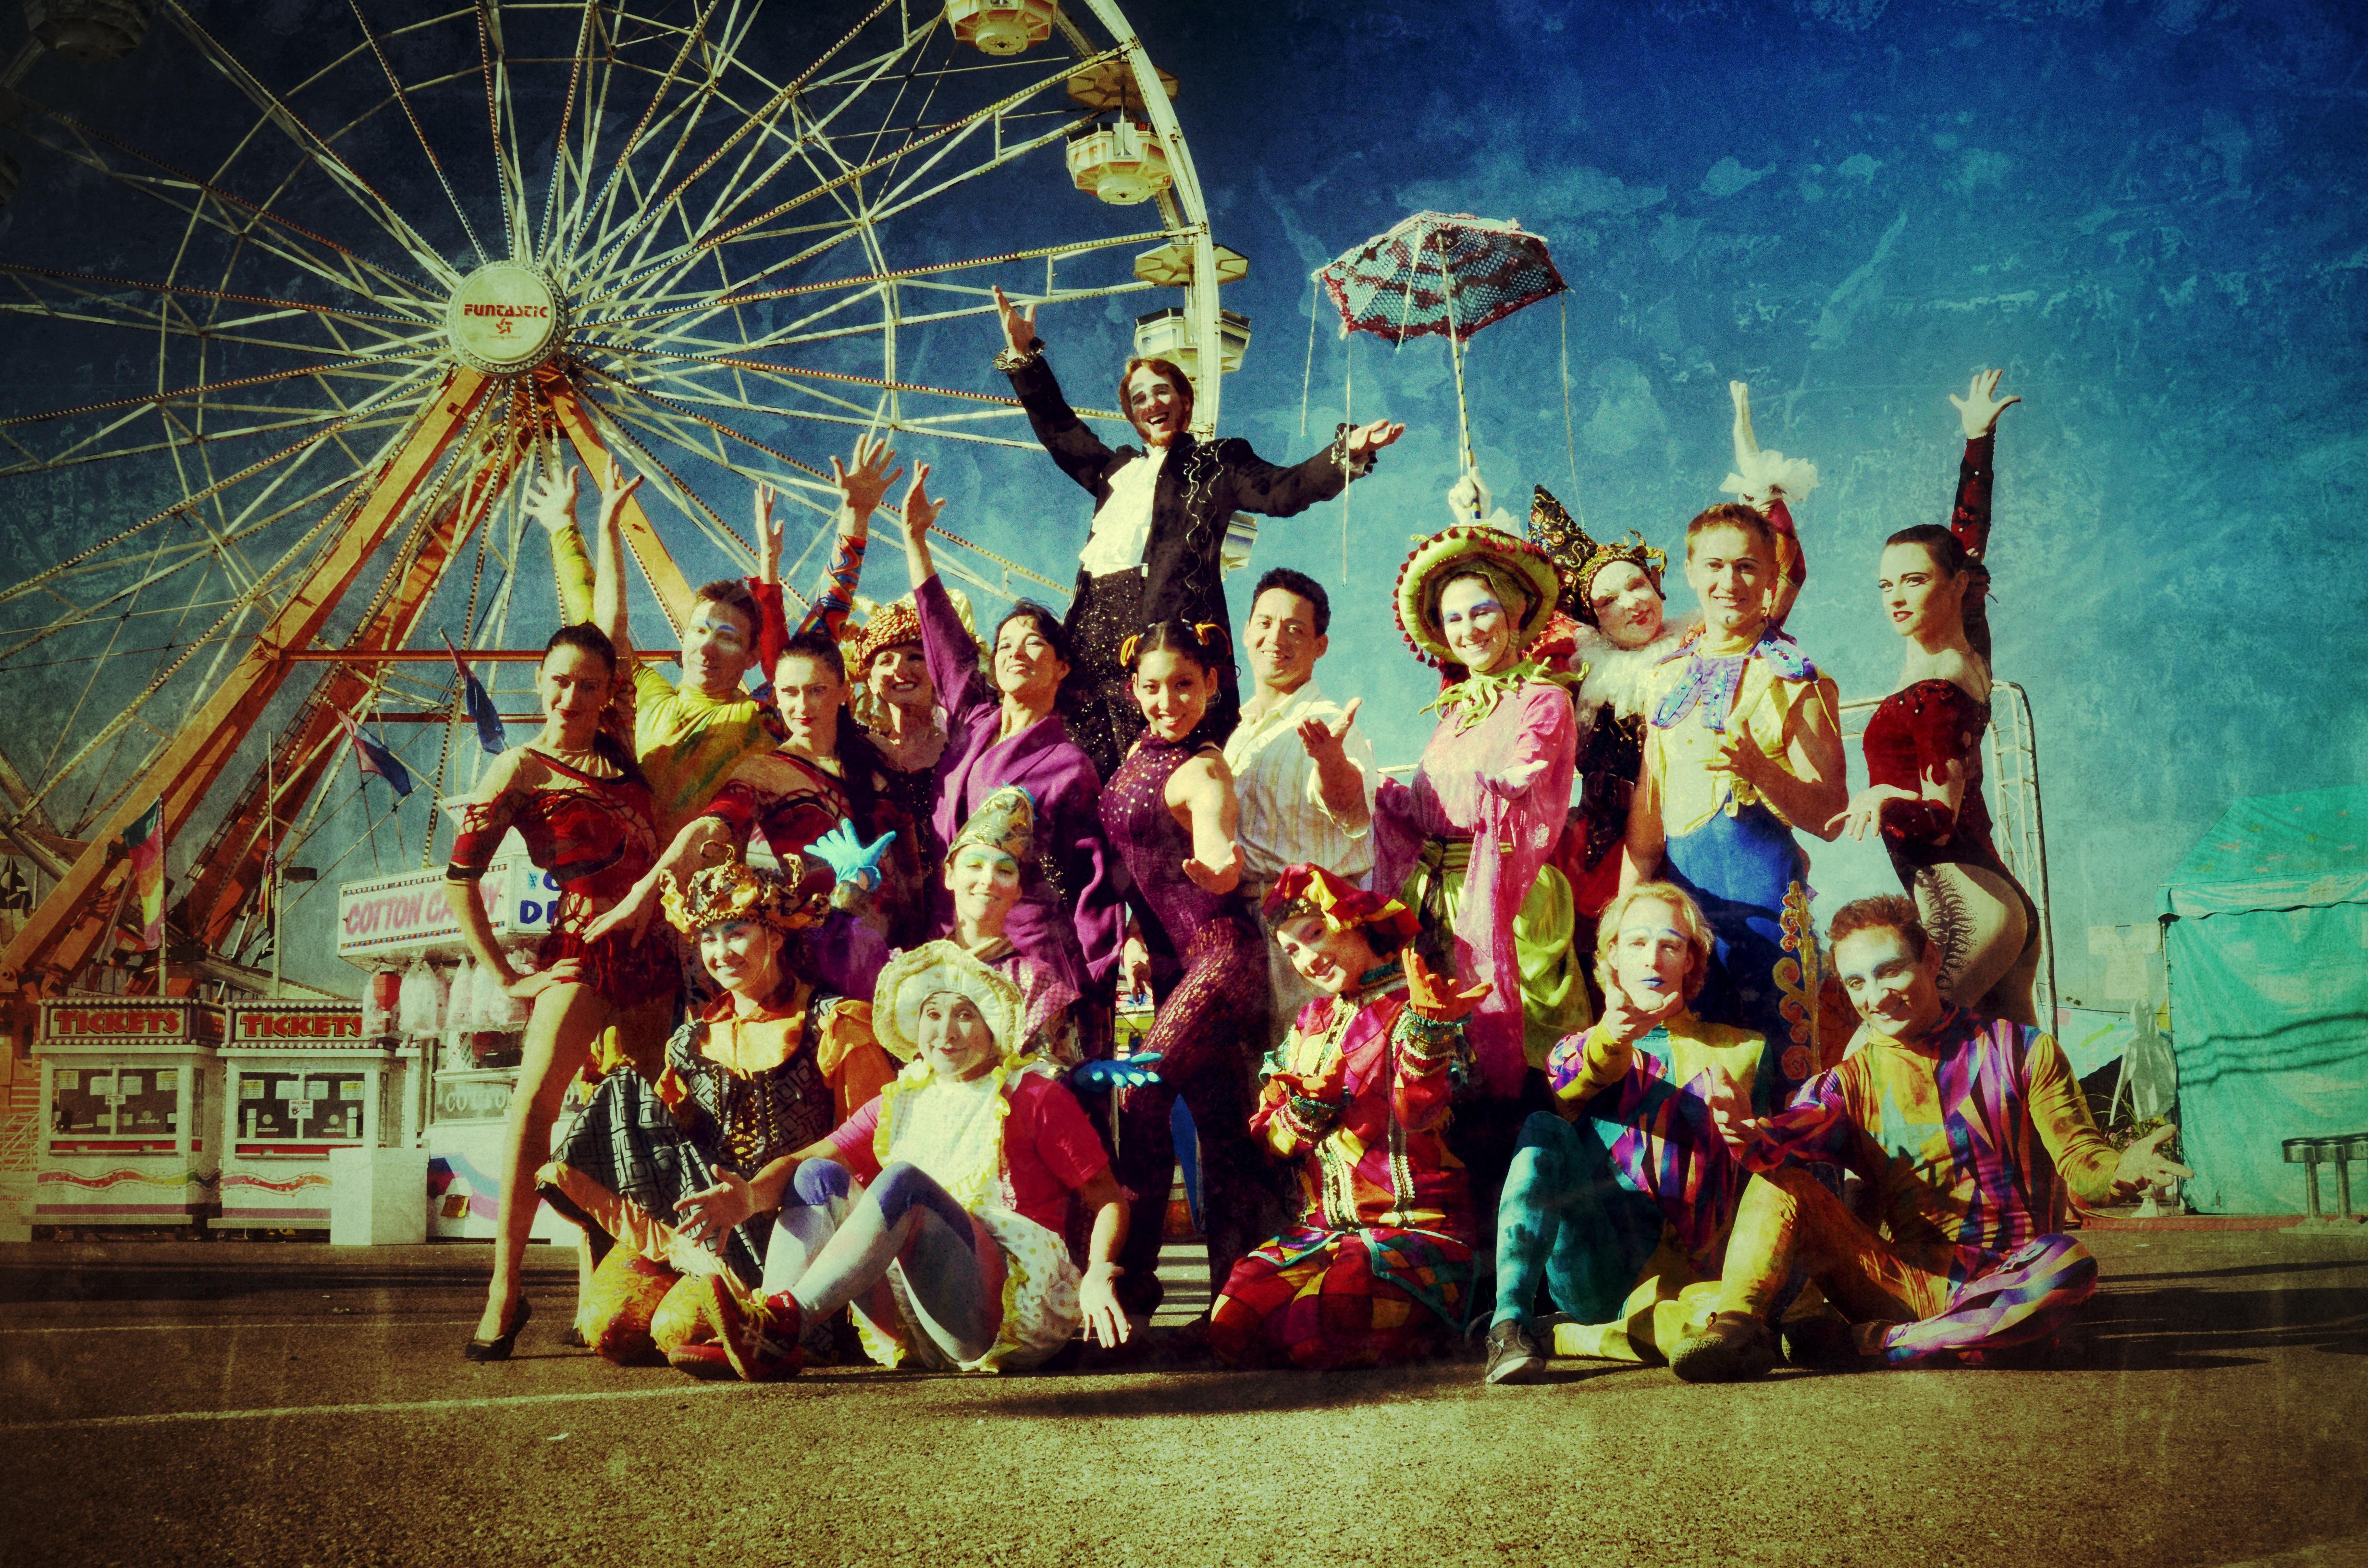 Fairs, Festivals and Amusement Parks